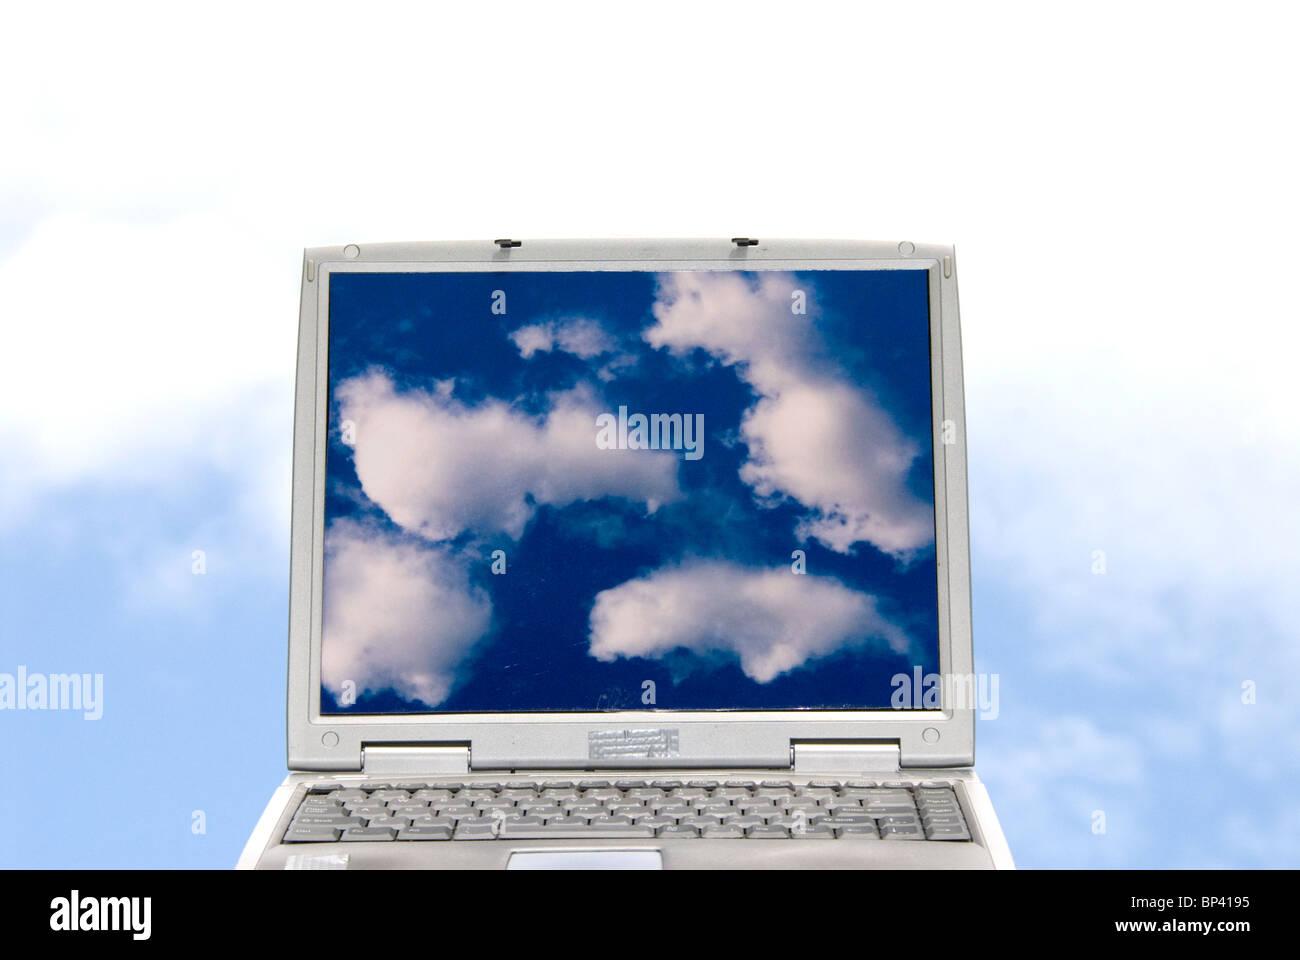 Computer portatile con immagini delle nuvole e nuvole in background che rappresenta il cloud computing Immagini Stock